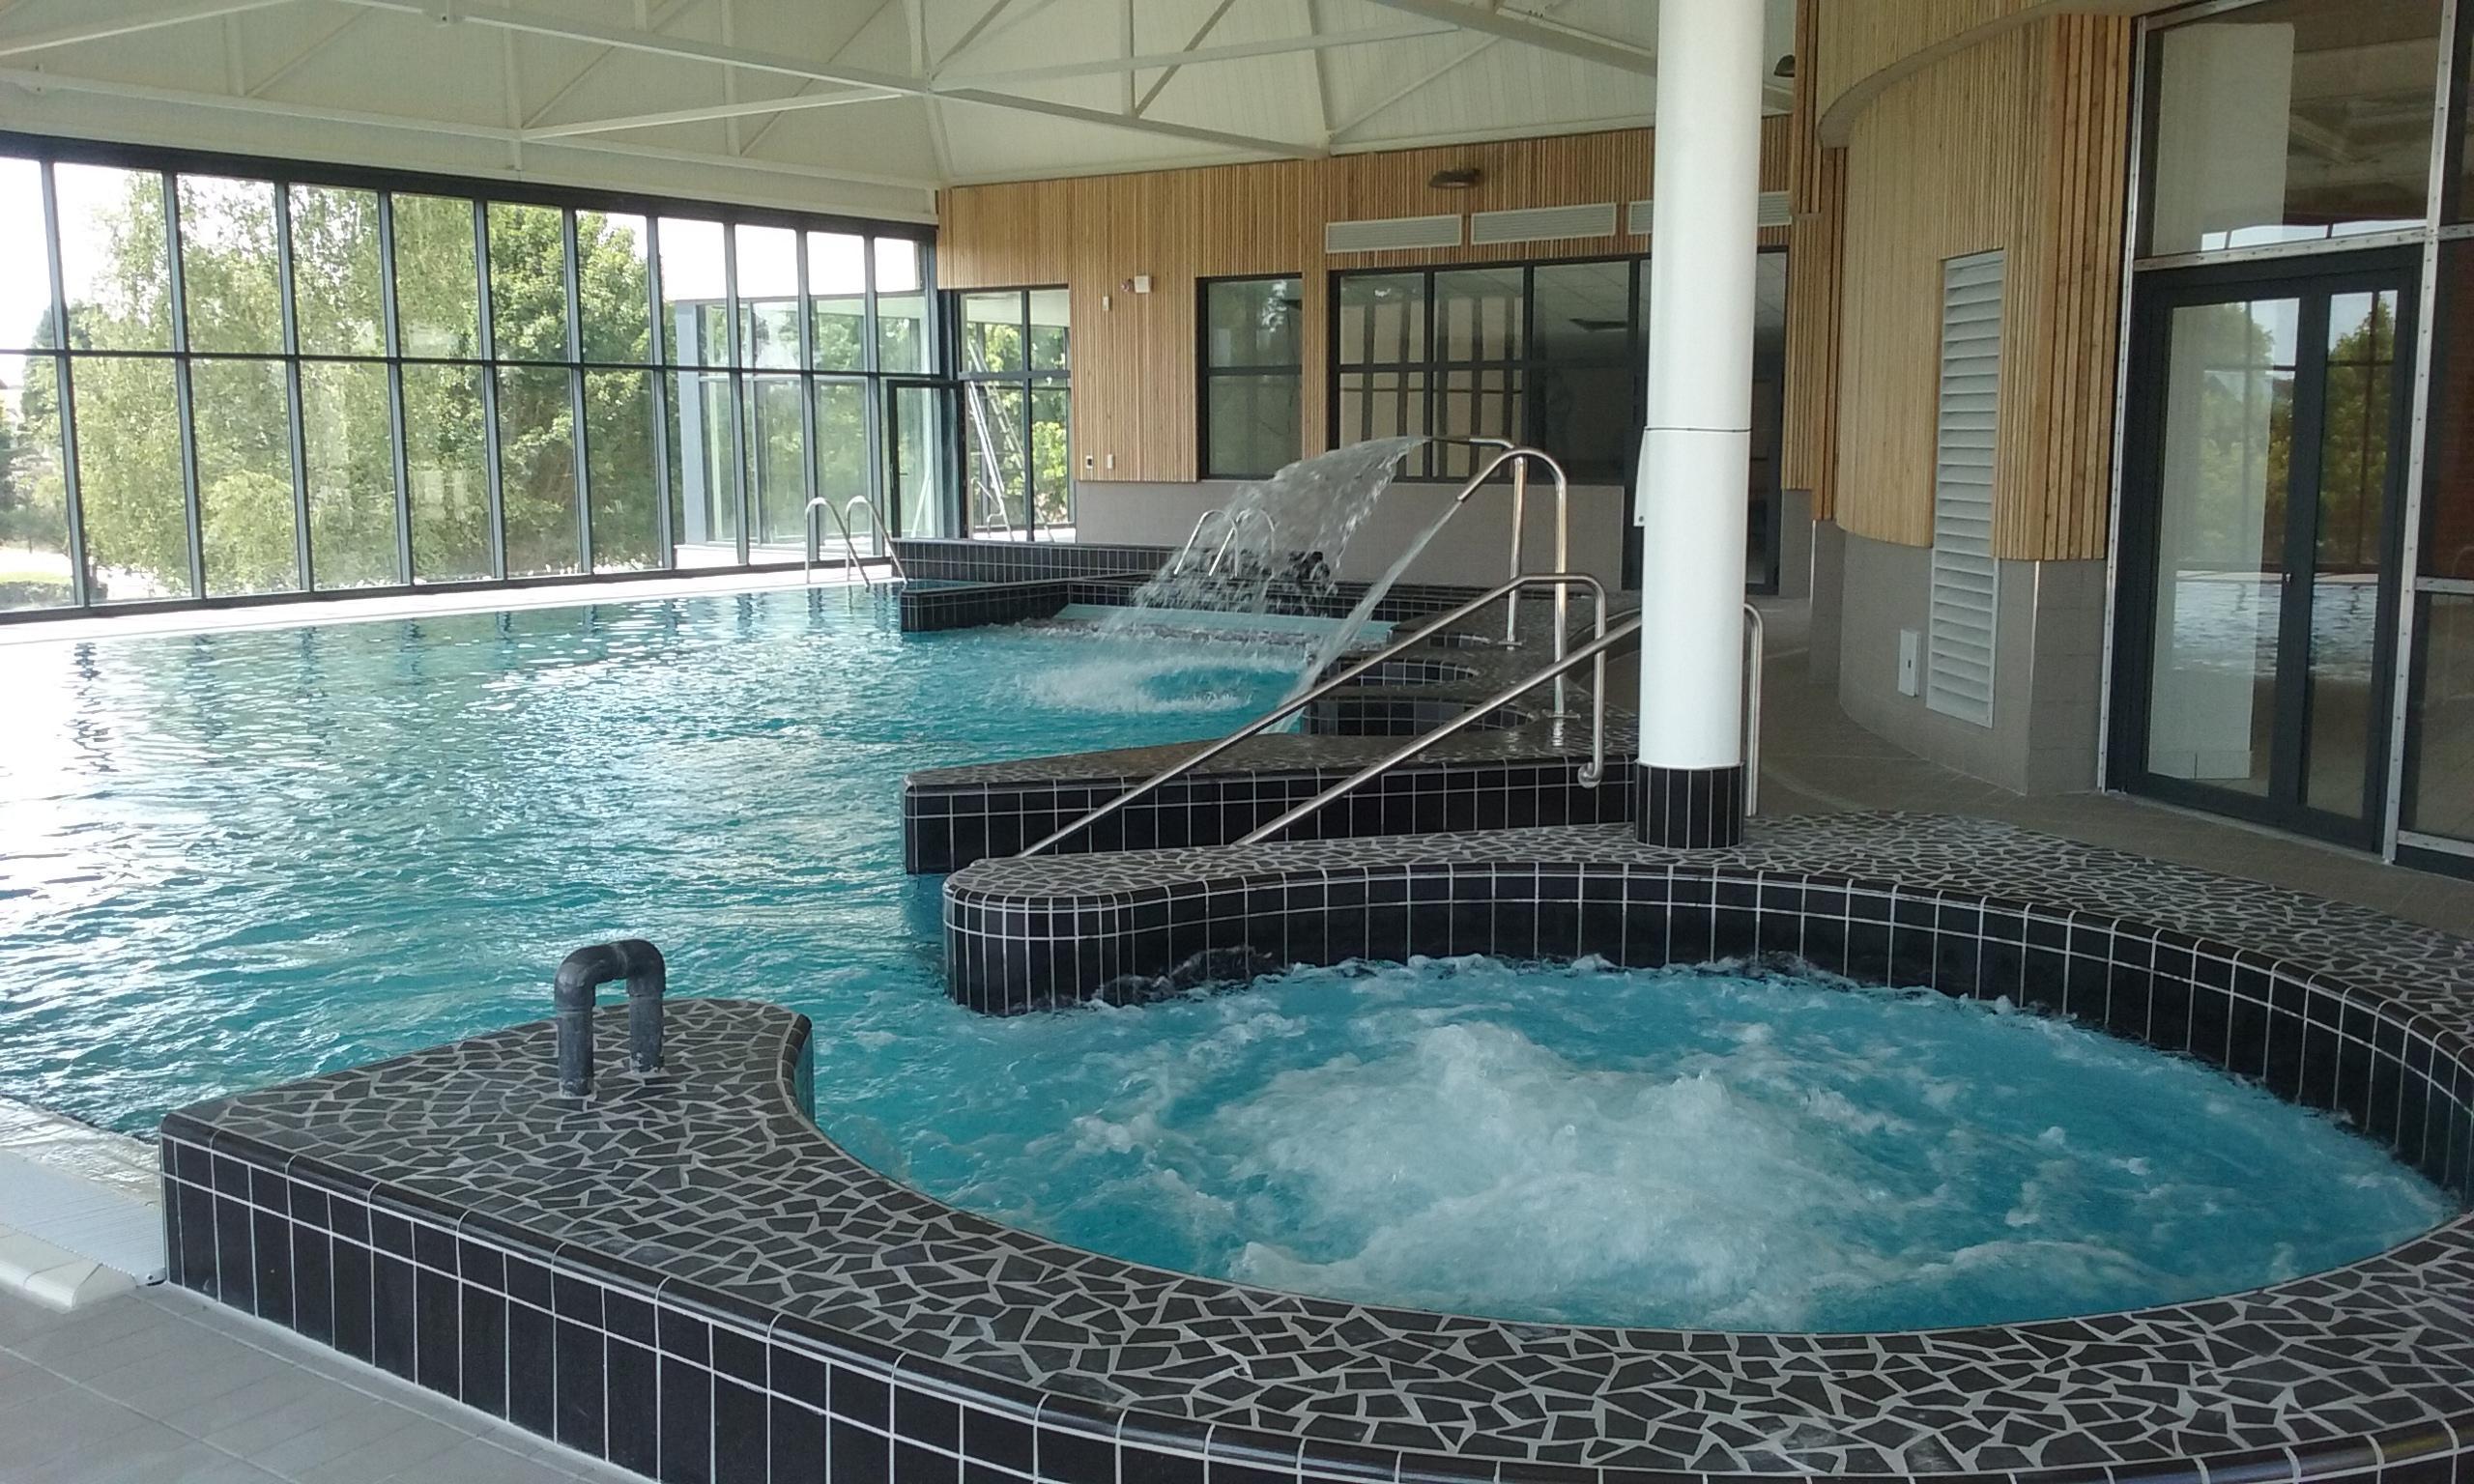 Rénovation Et Extension Centre Aquatique - Dampierre En ... serapportantà Piscine Dampierre